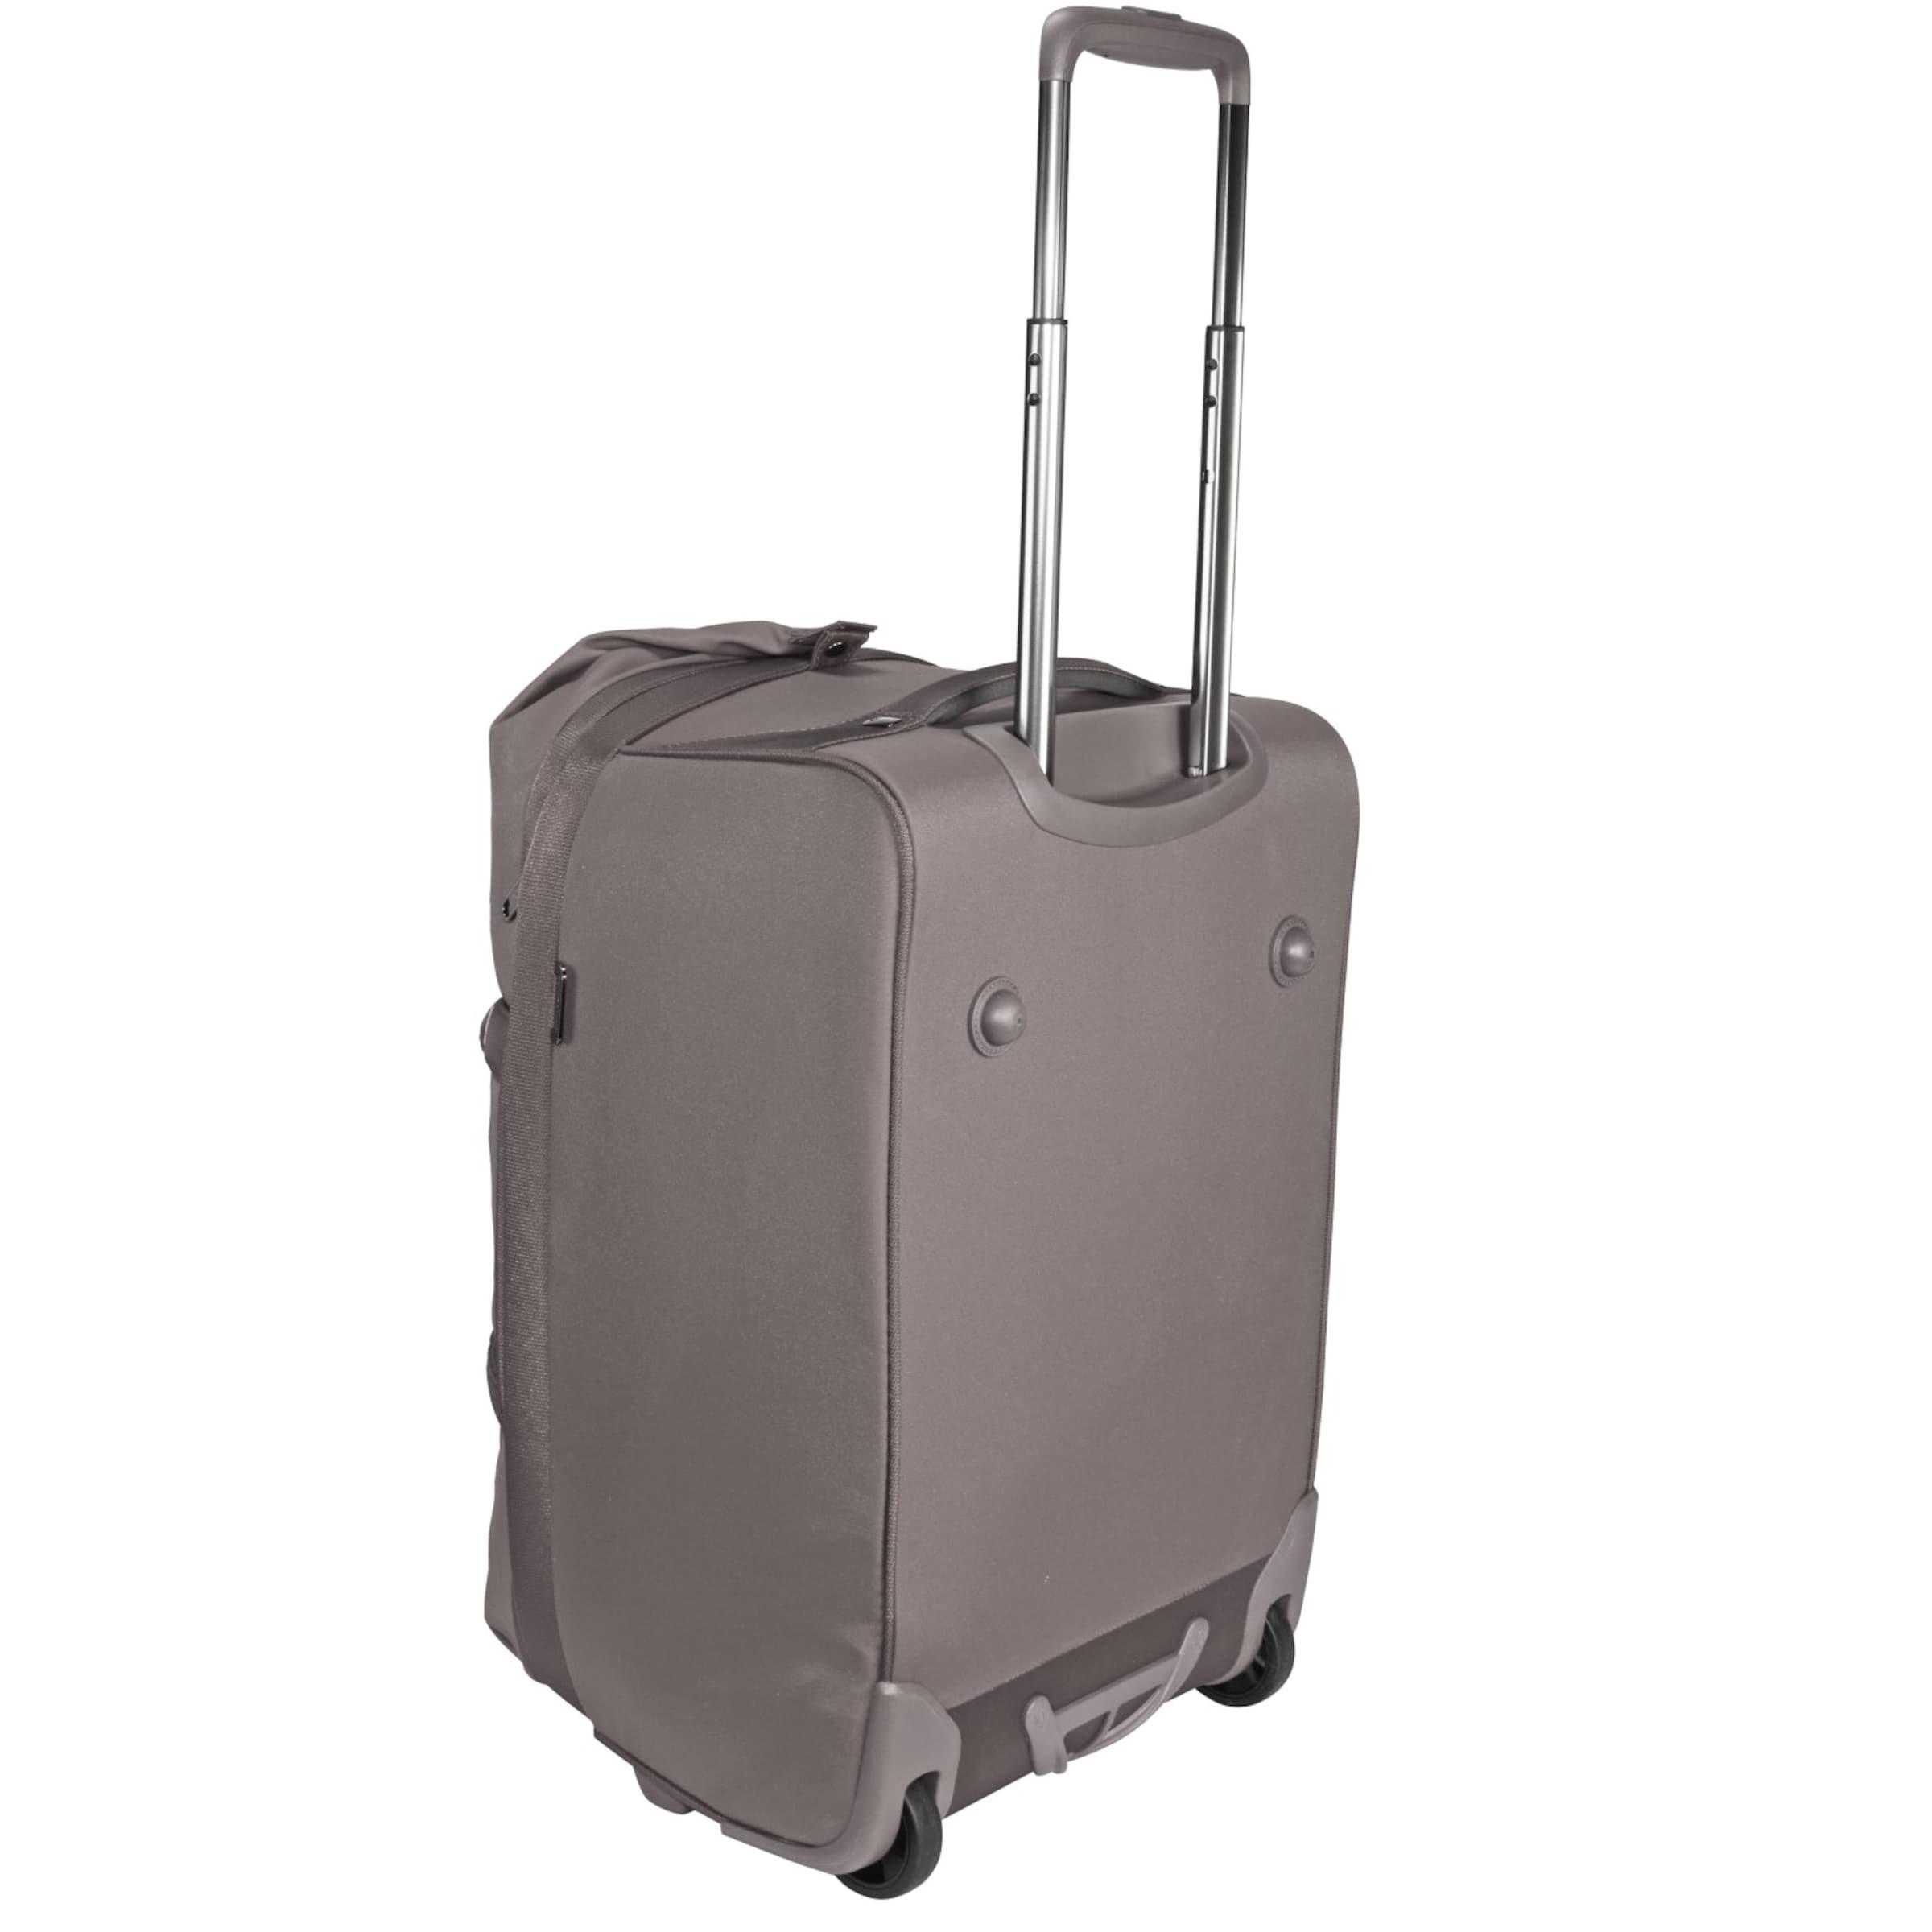 Ausverkauf Countdown Paketverkauf Online SAMSONITE Uplite 2-Rollen Reisetasche 55 cm thABqfk